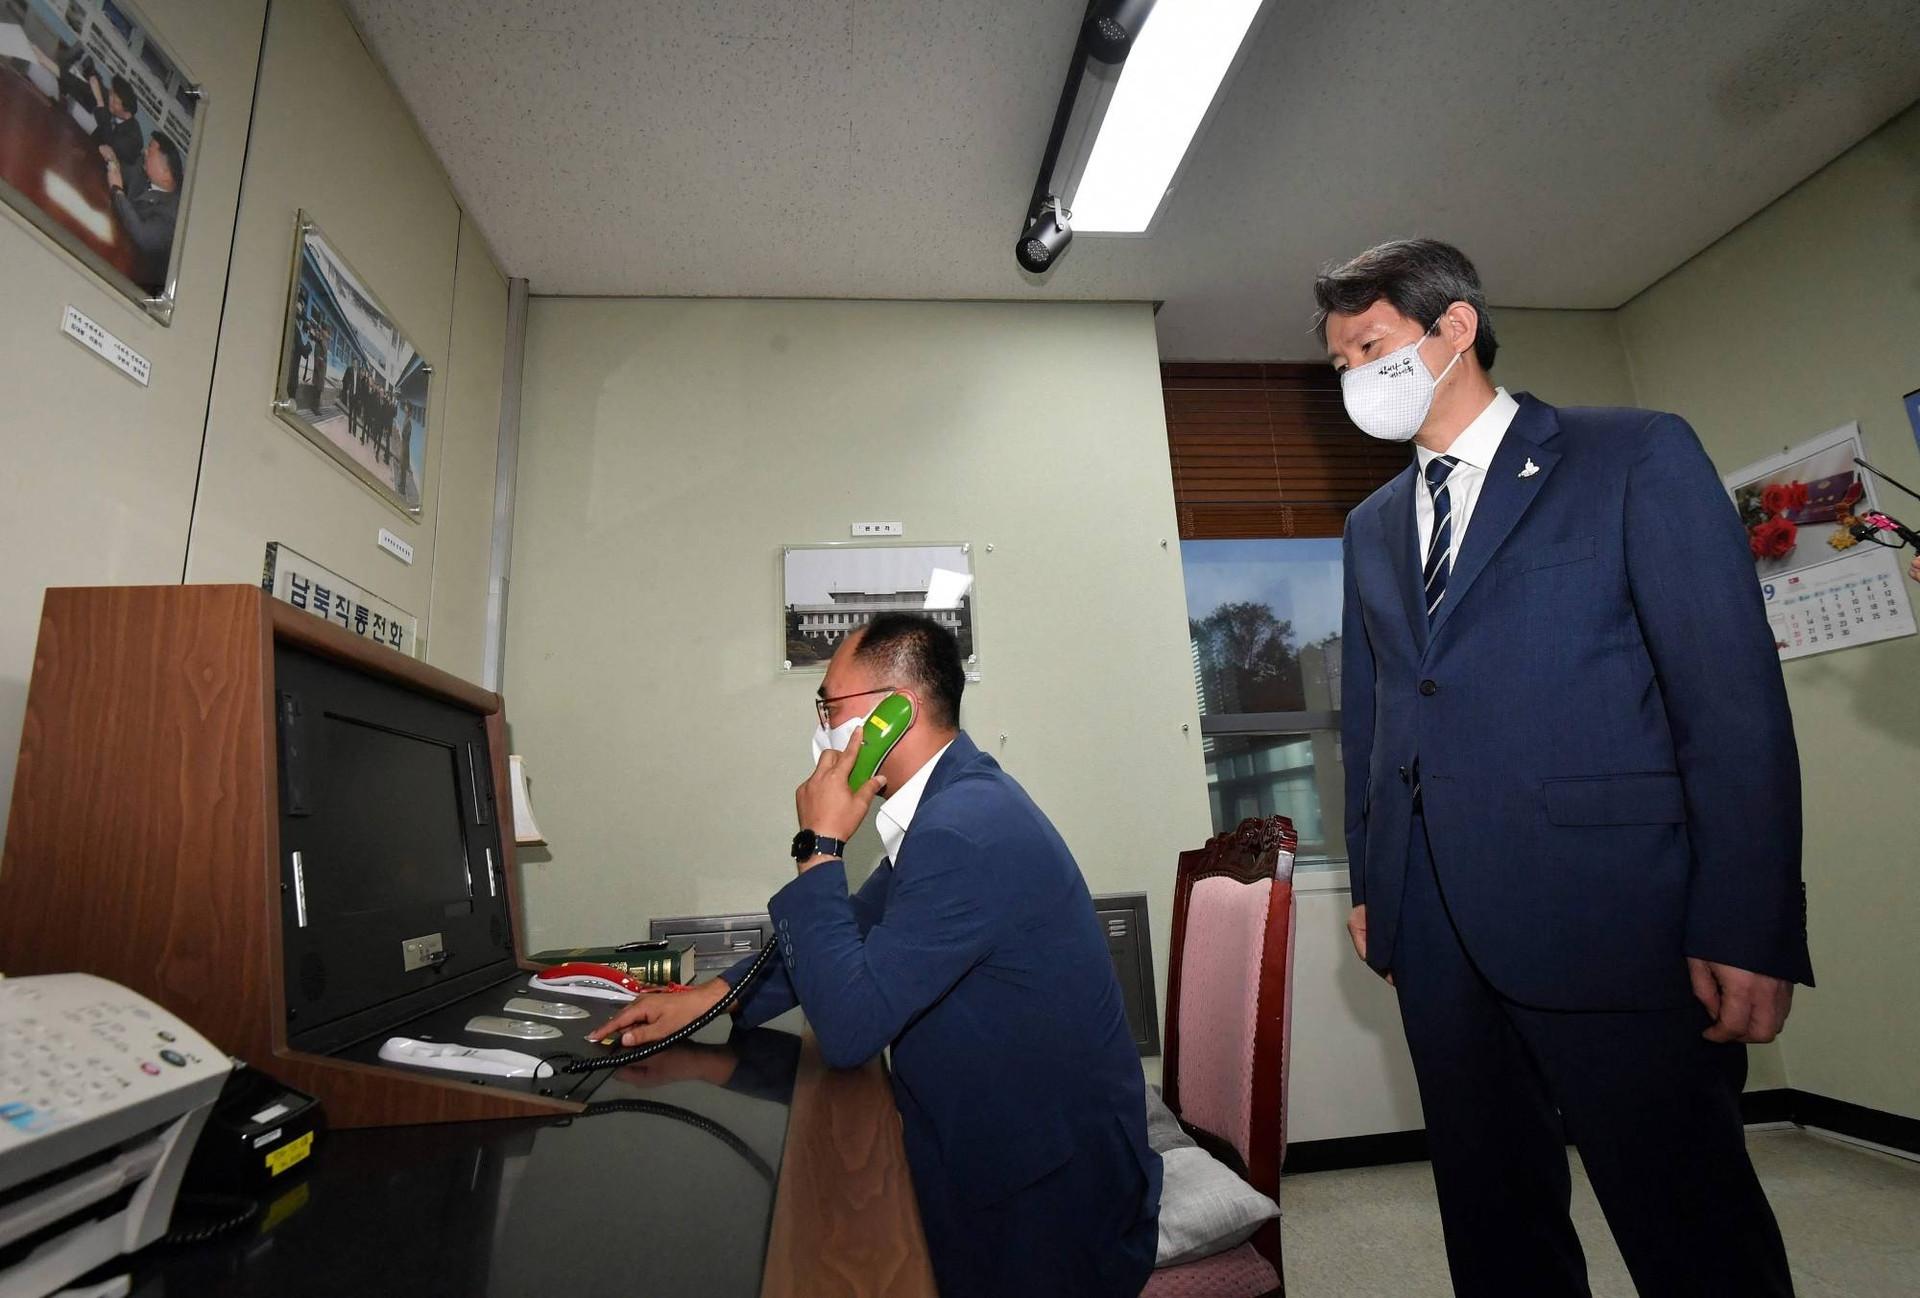 Mở lại đường dây liên lạc, quan hệ liên Triều có phục hồi sau bế tắc?